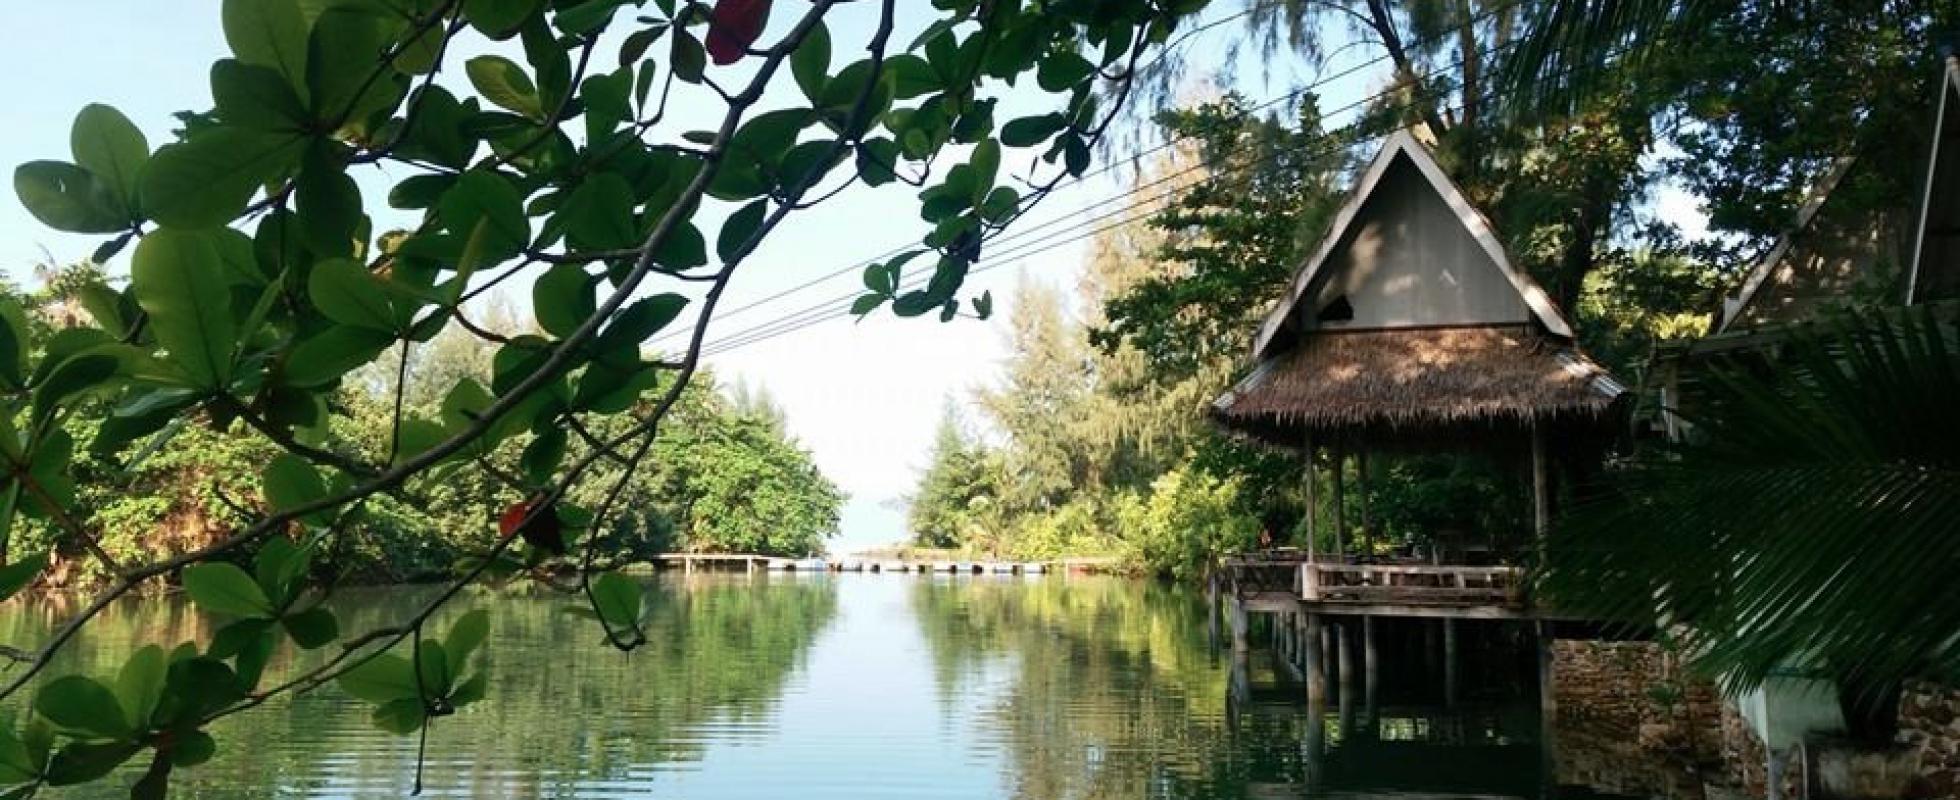 masage piger Blue Lagoon vejleder